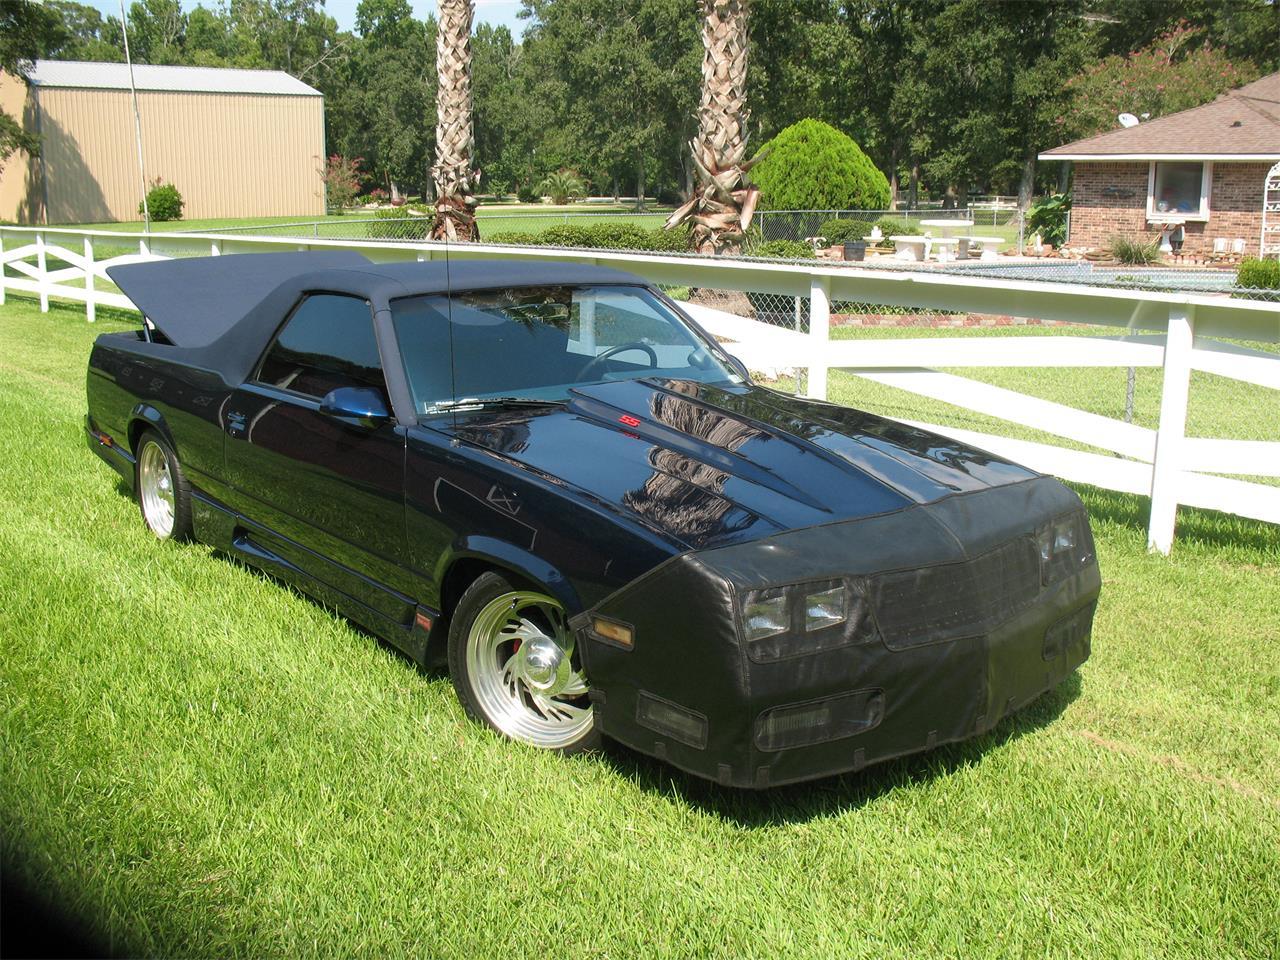 For Sale: 1982 Chevrolet El Camino in Crosby, Texas